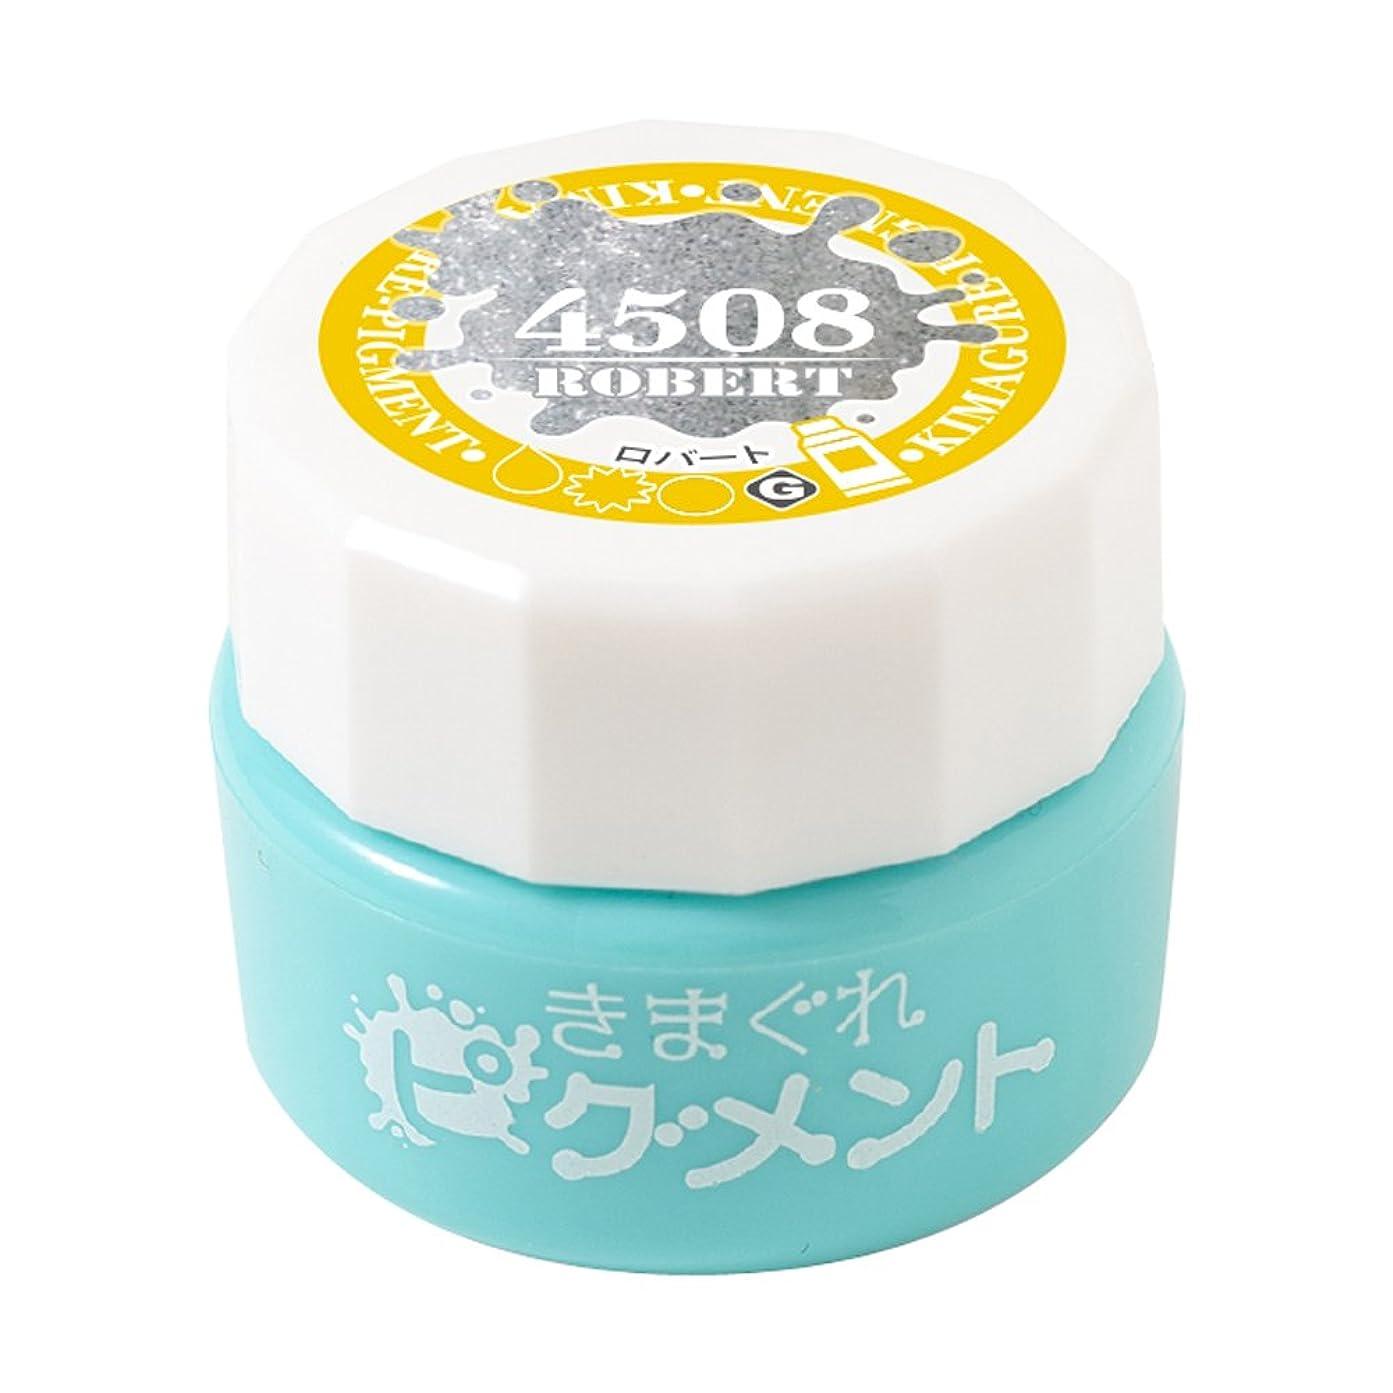 アーサーシャーク食い違いBettygel きまぐれピグメント ロバート QYJ-4508 4g UV/LED対応